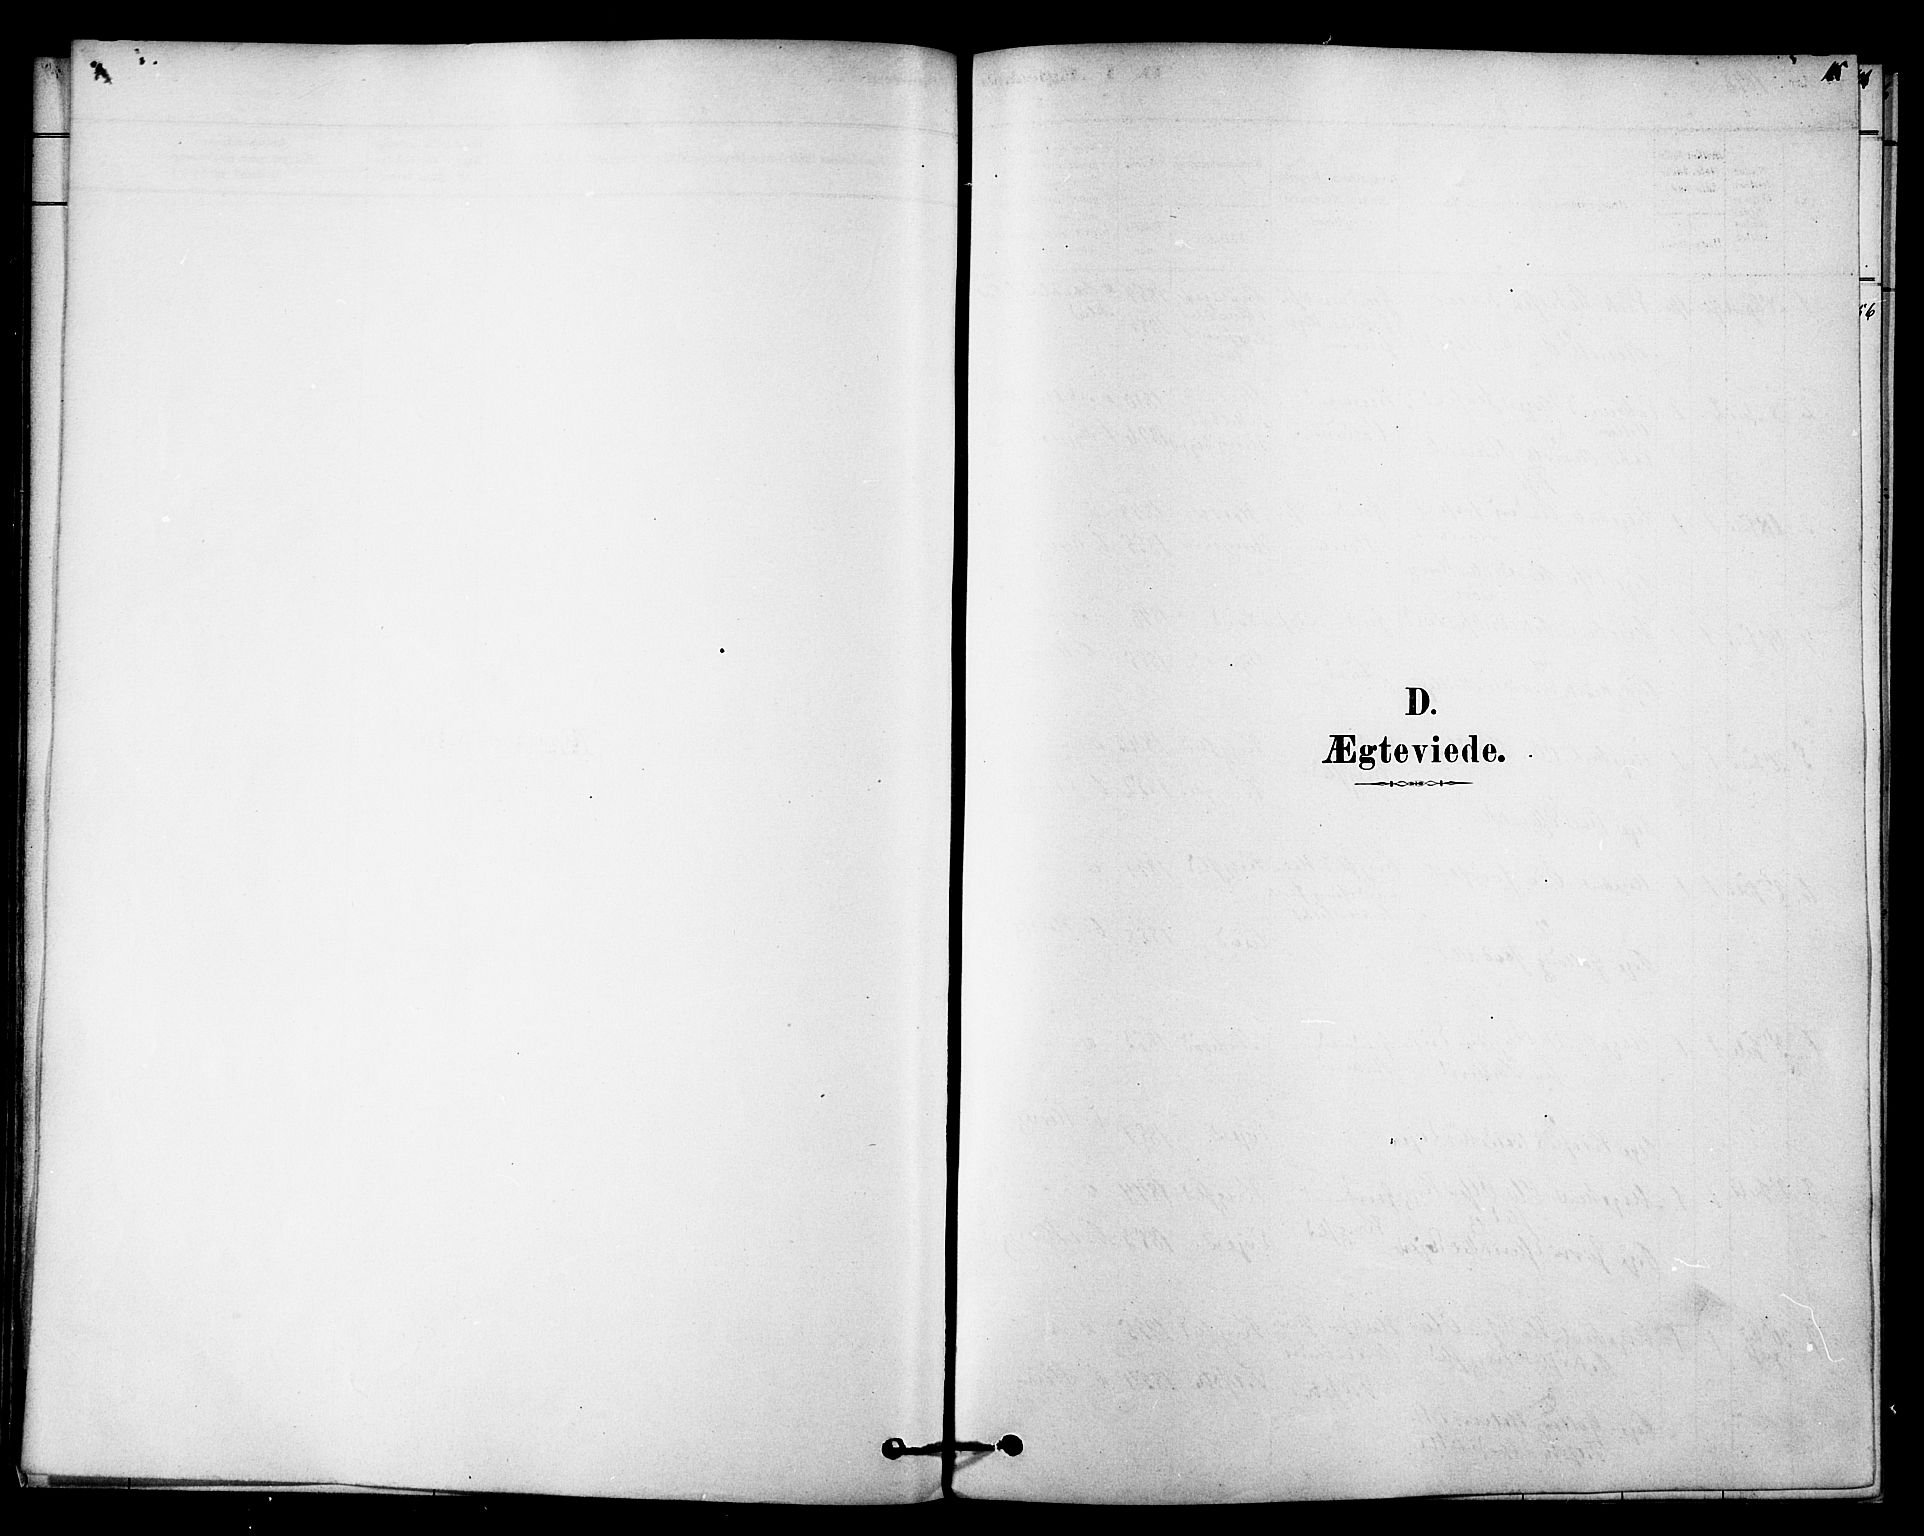 SAT, Ministerialprotokoller, klokkerbøker og fødselsregistre - Sør-Trøndelag, 692/L1105: Ministerialbok nr. 692A05, 1878-1890, s. 105